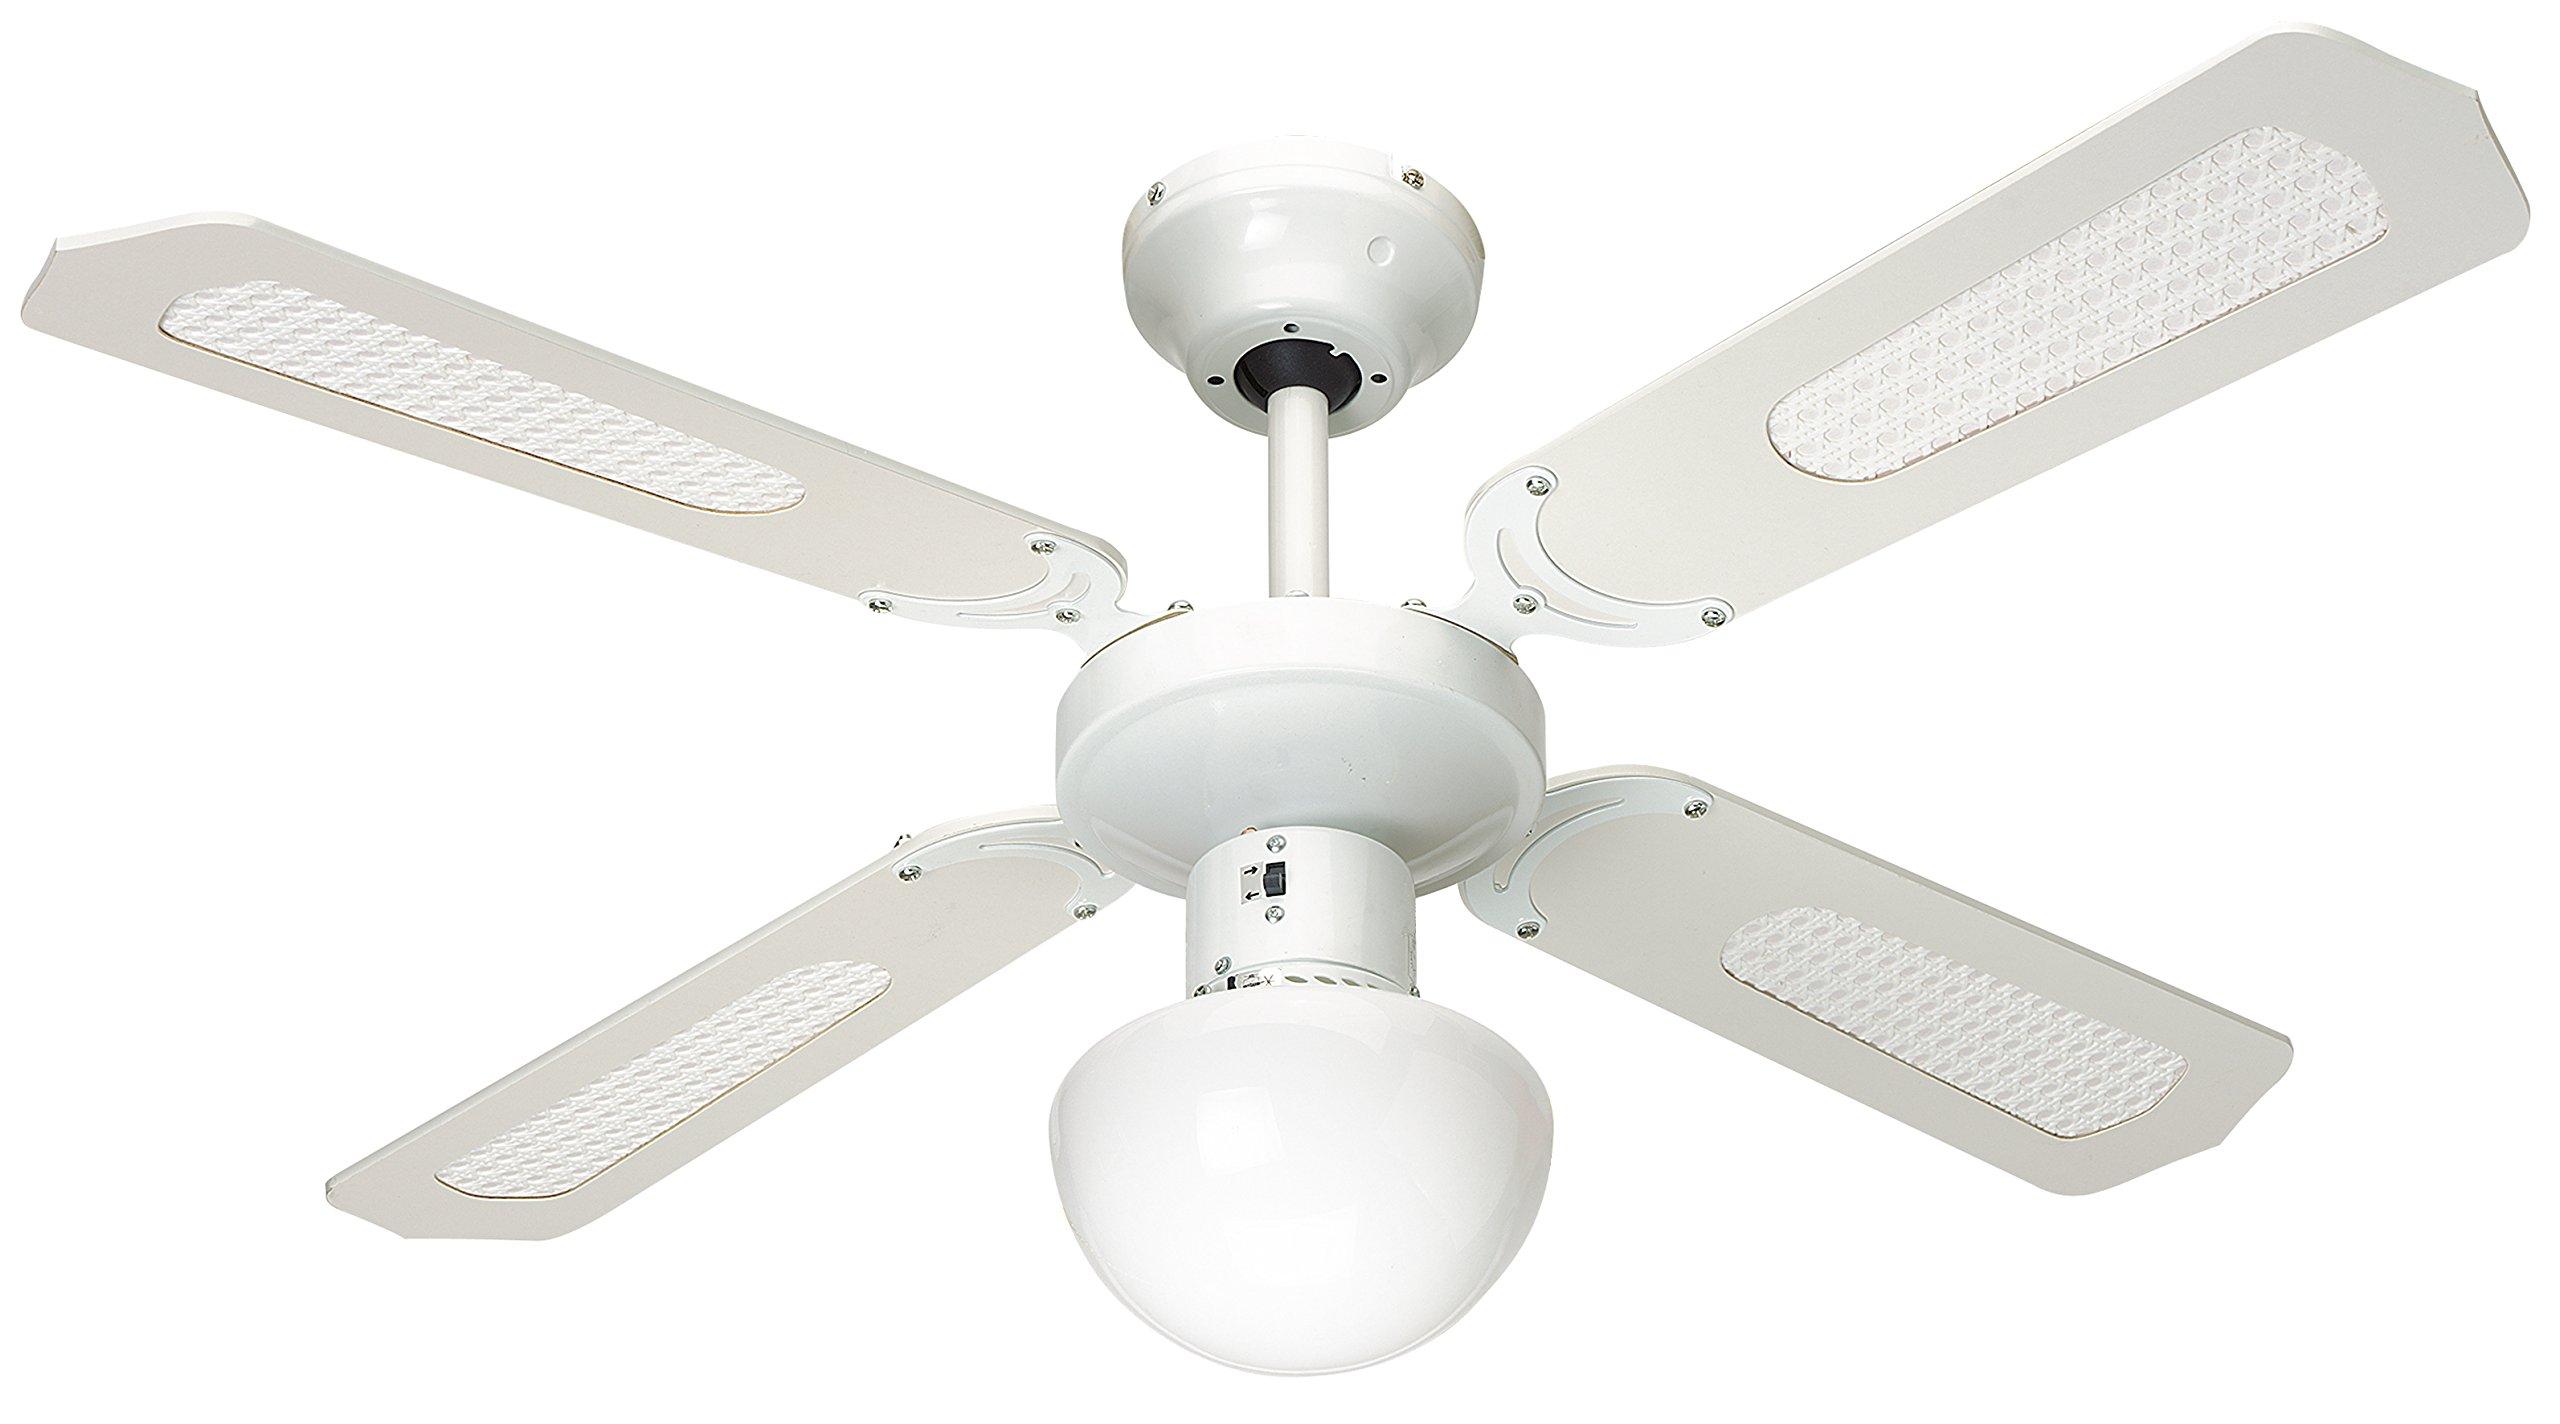 Farelek Bali Ventilateur de plafond 107 cm Vert Clair avec blanc product image